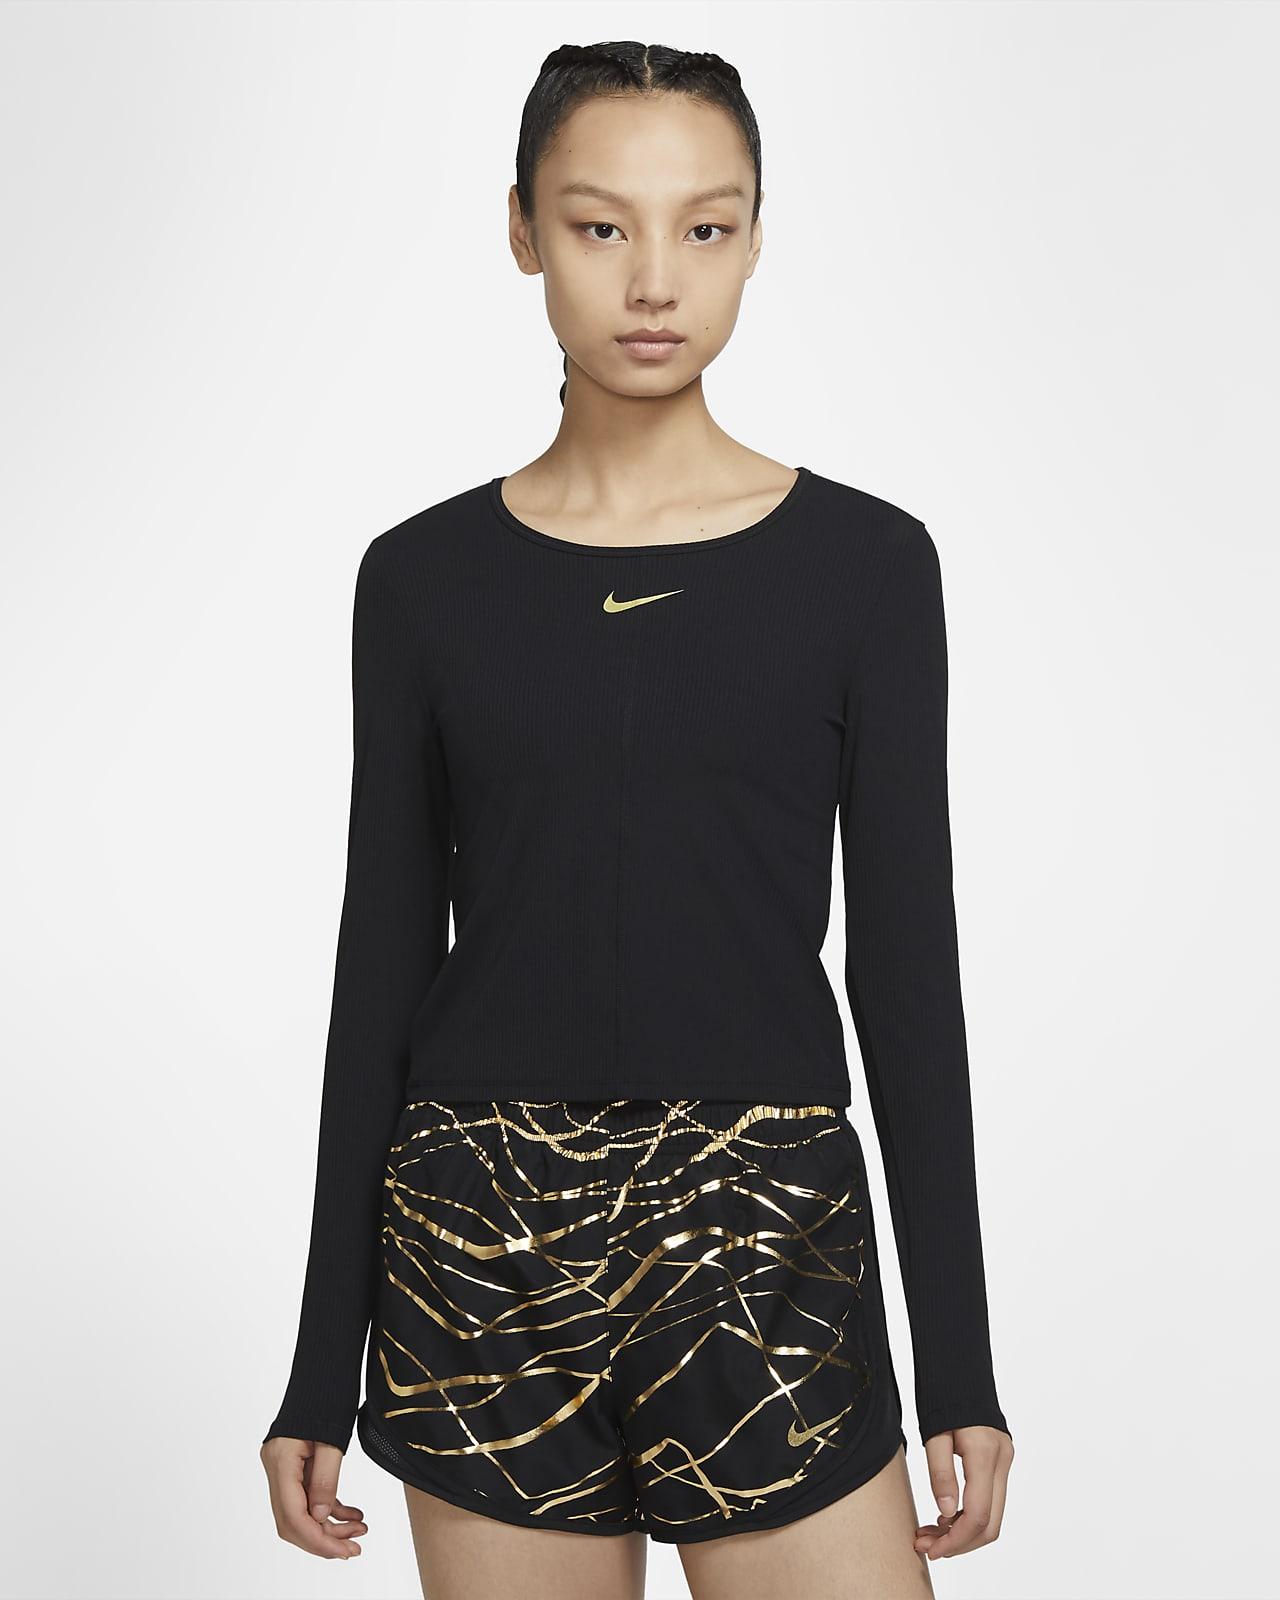 เสื้อวิ่งแขนยาวผู้หญิง Nike Icon Clash